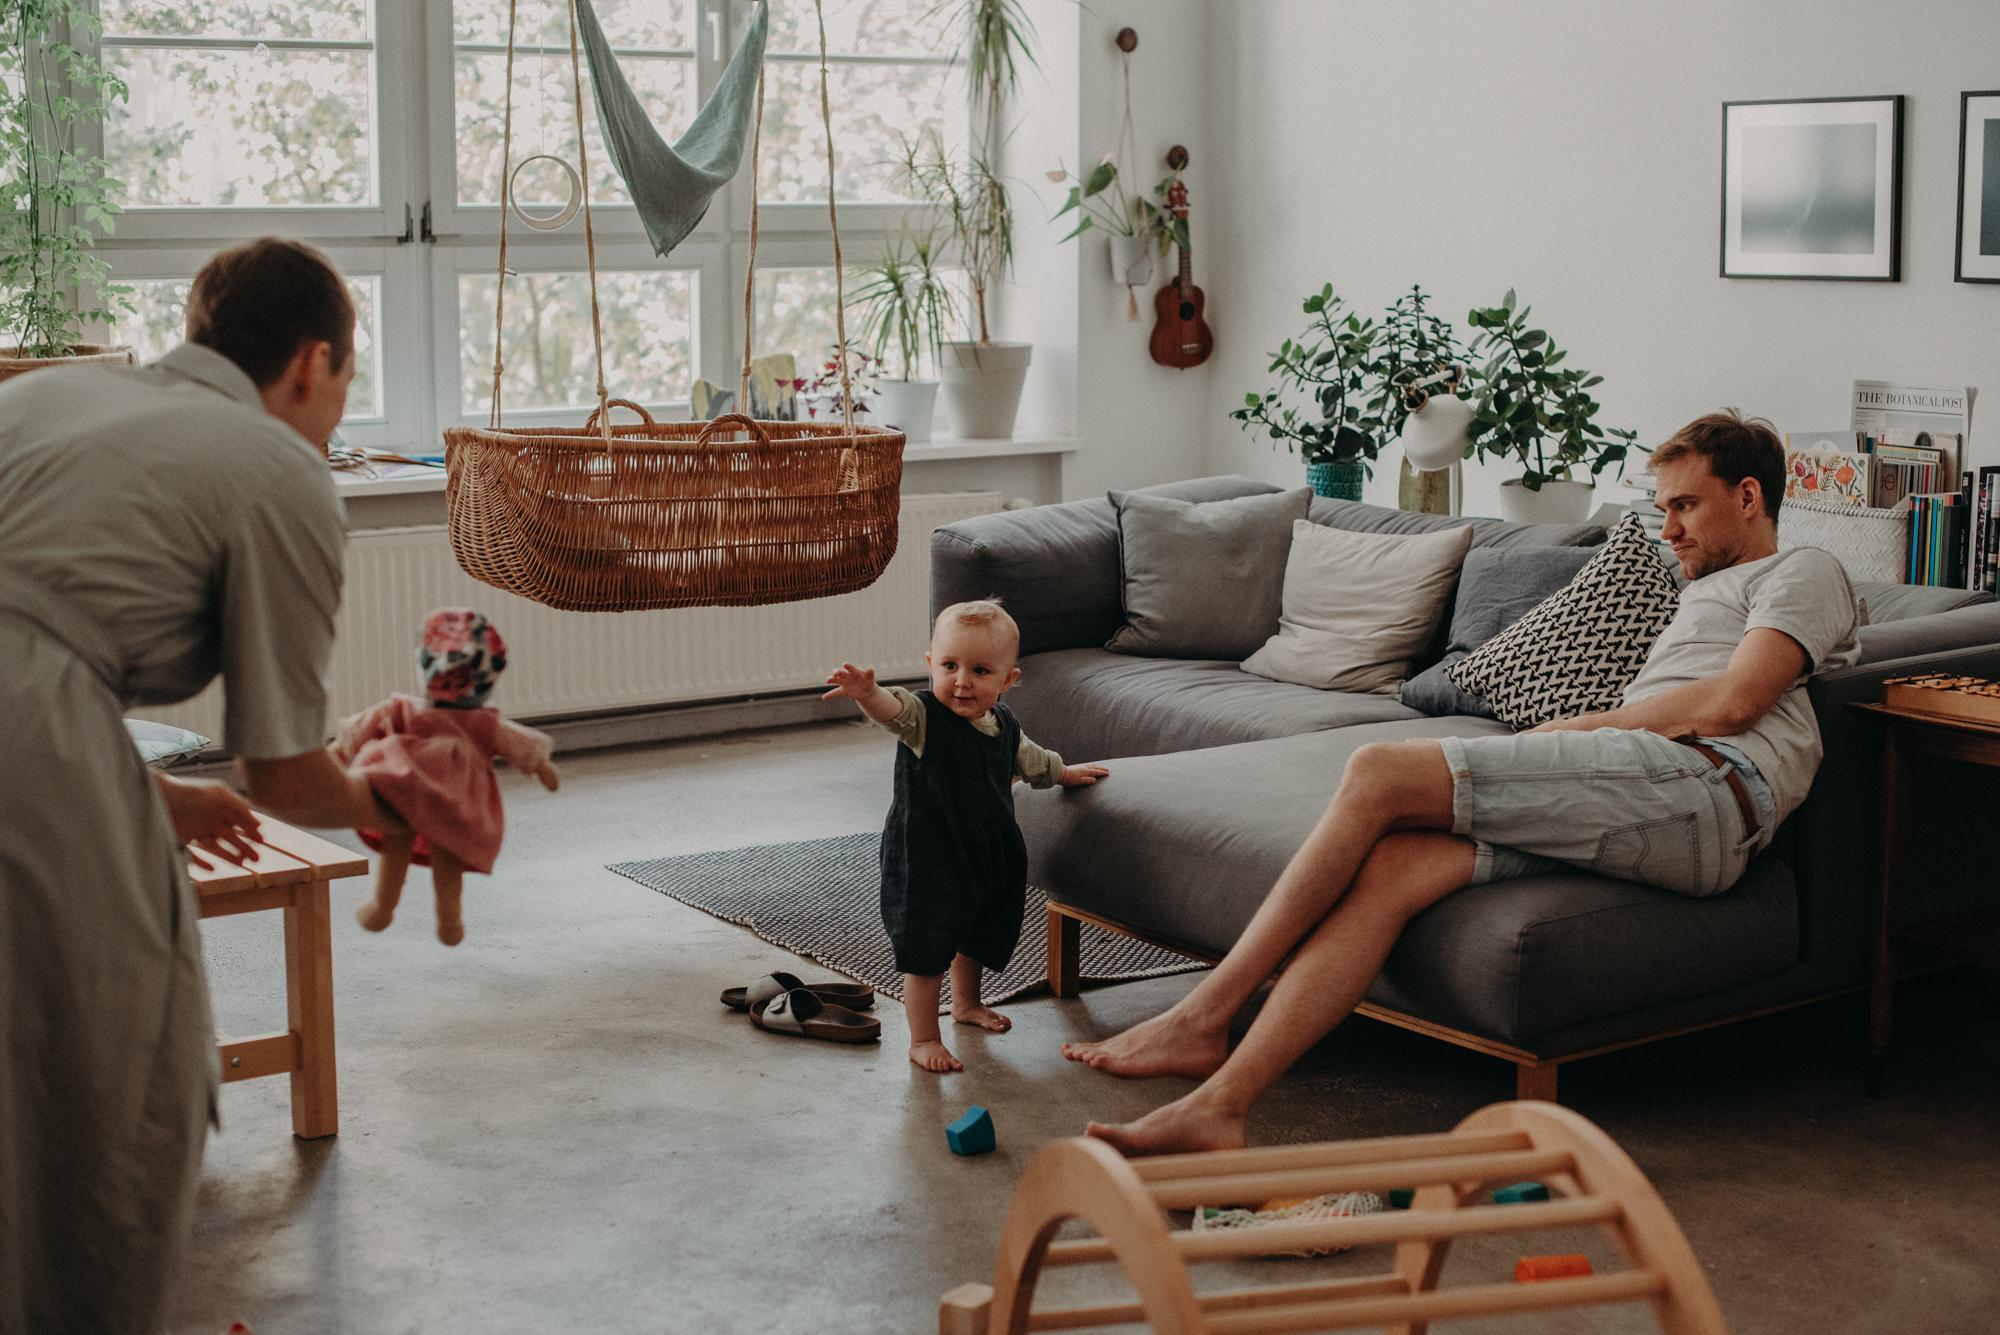 Natürliches Familienfoto Zuhause im Wohnzimmer, Fotograf in Basel